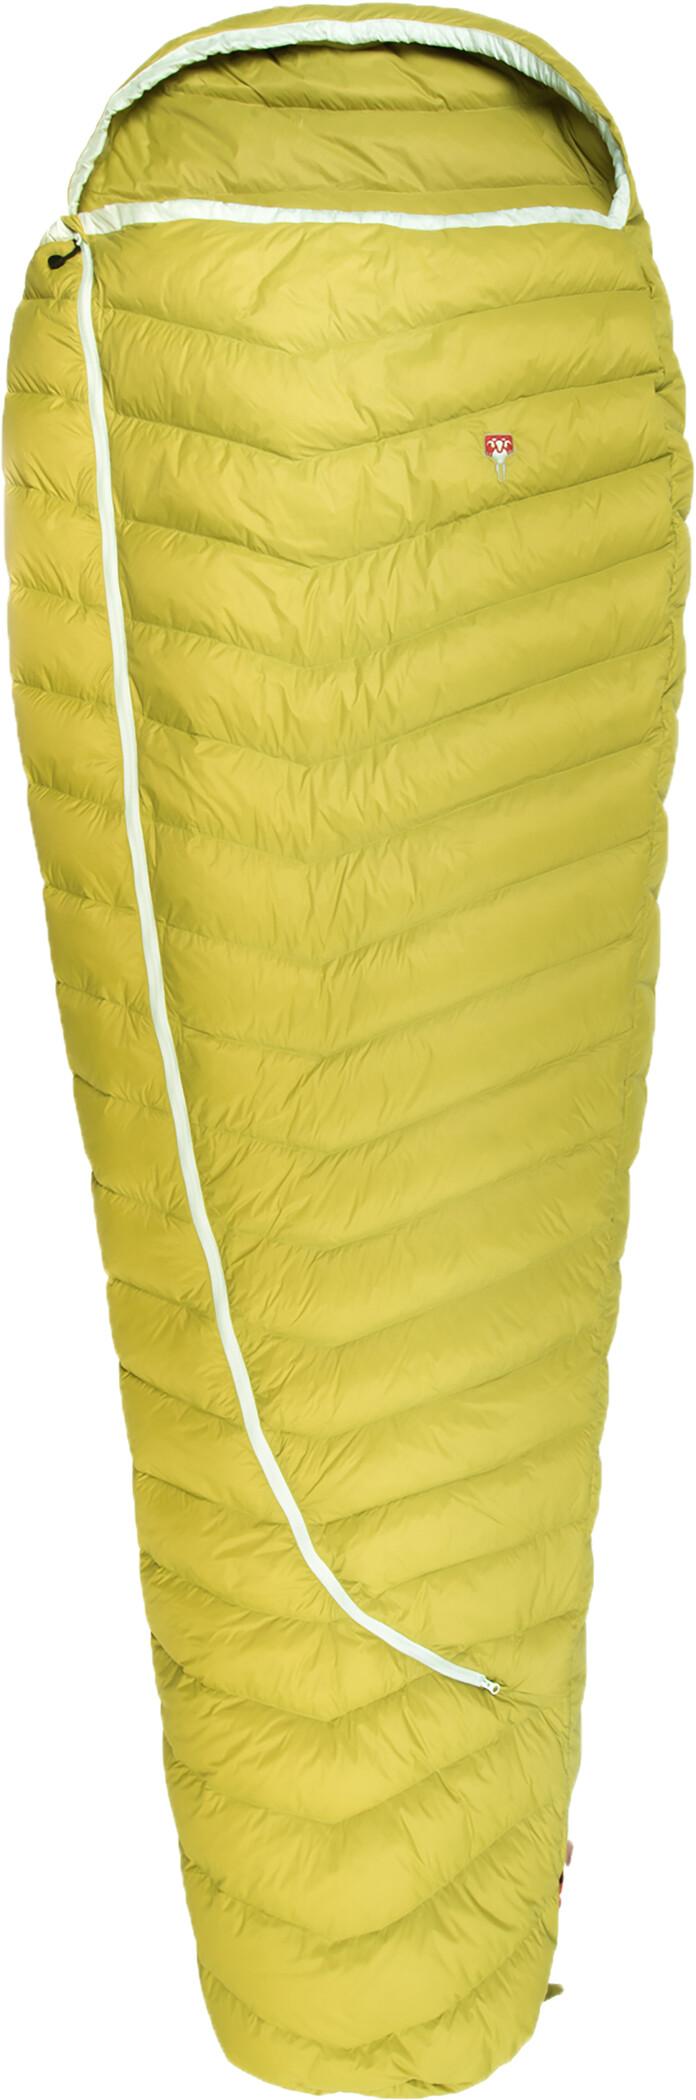 Grüezi-Bag Biopod DownWool Extreme Light 200 Sovepose, warm olive | Transport og opbevaring > Tilbehør